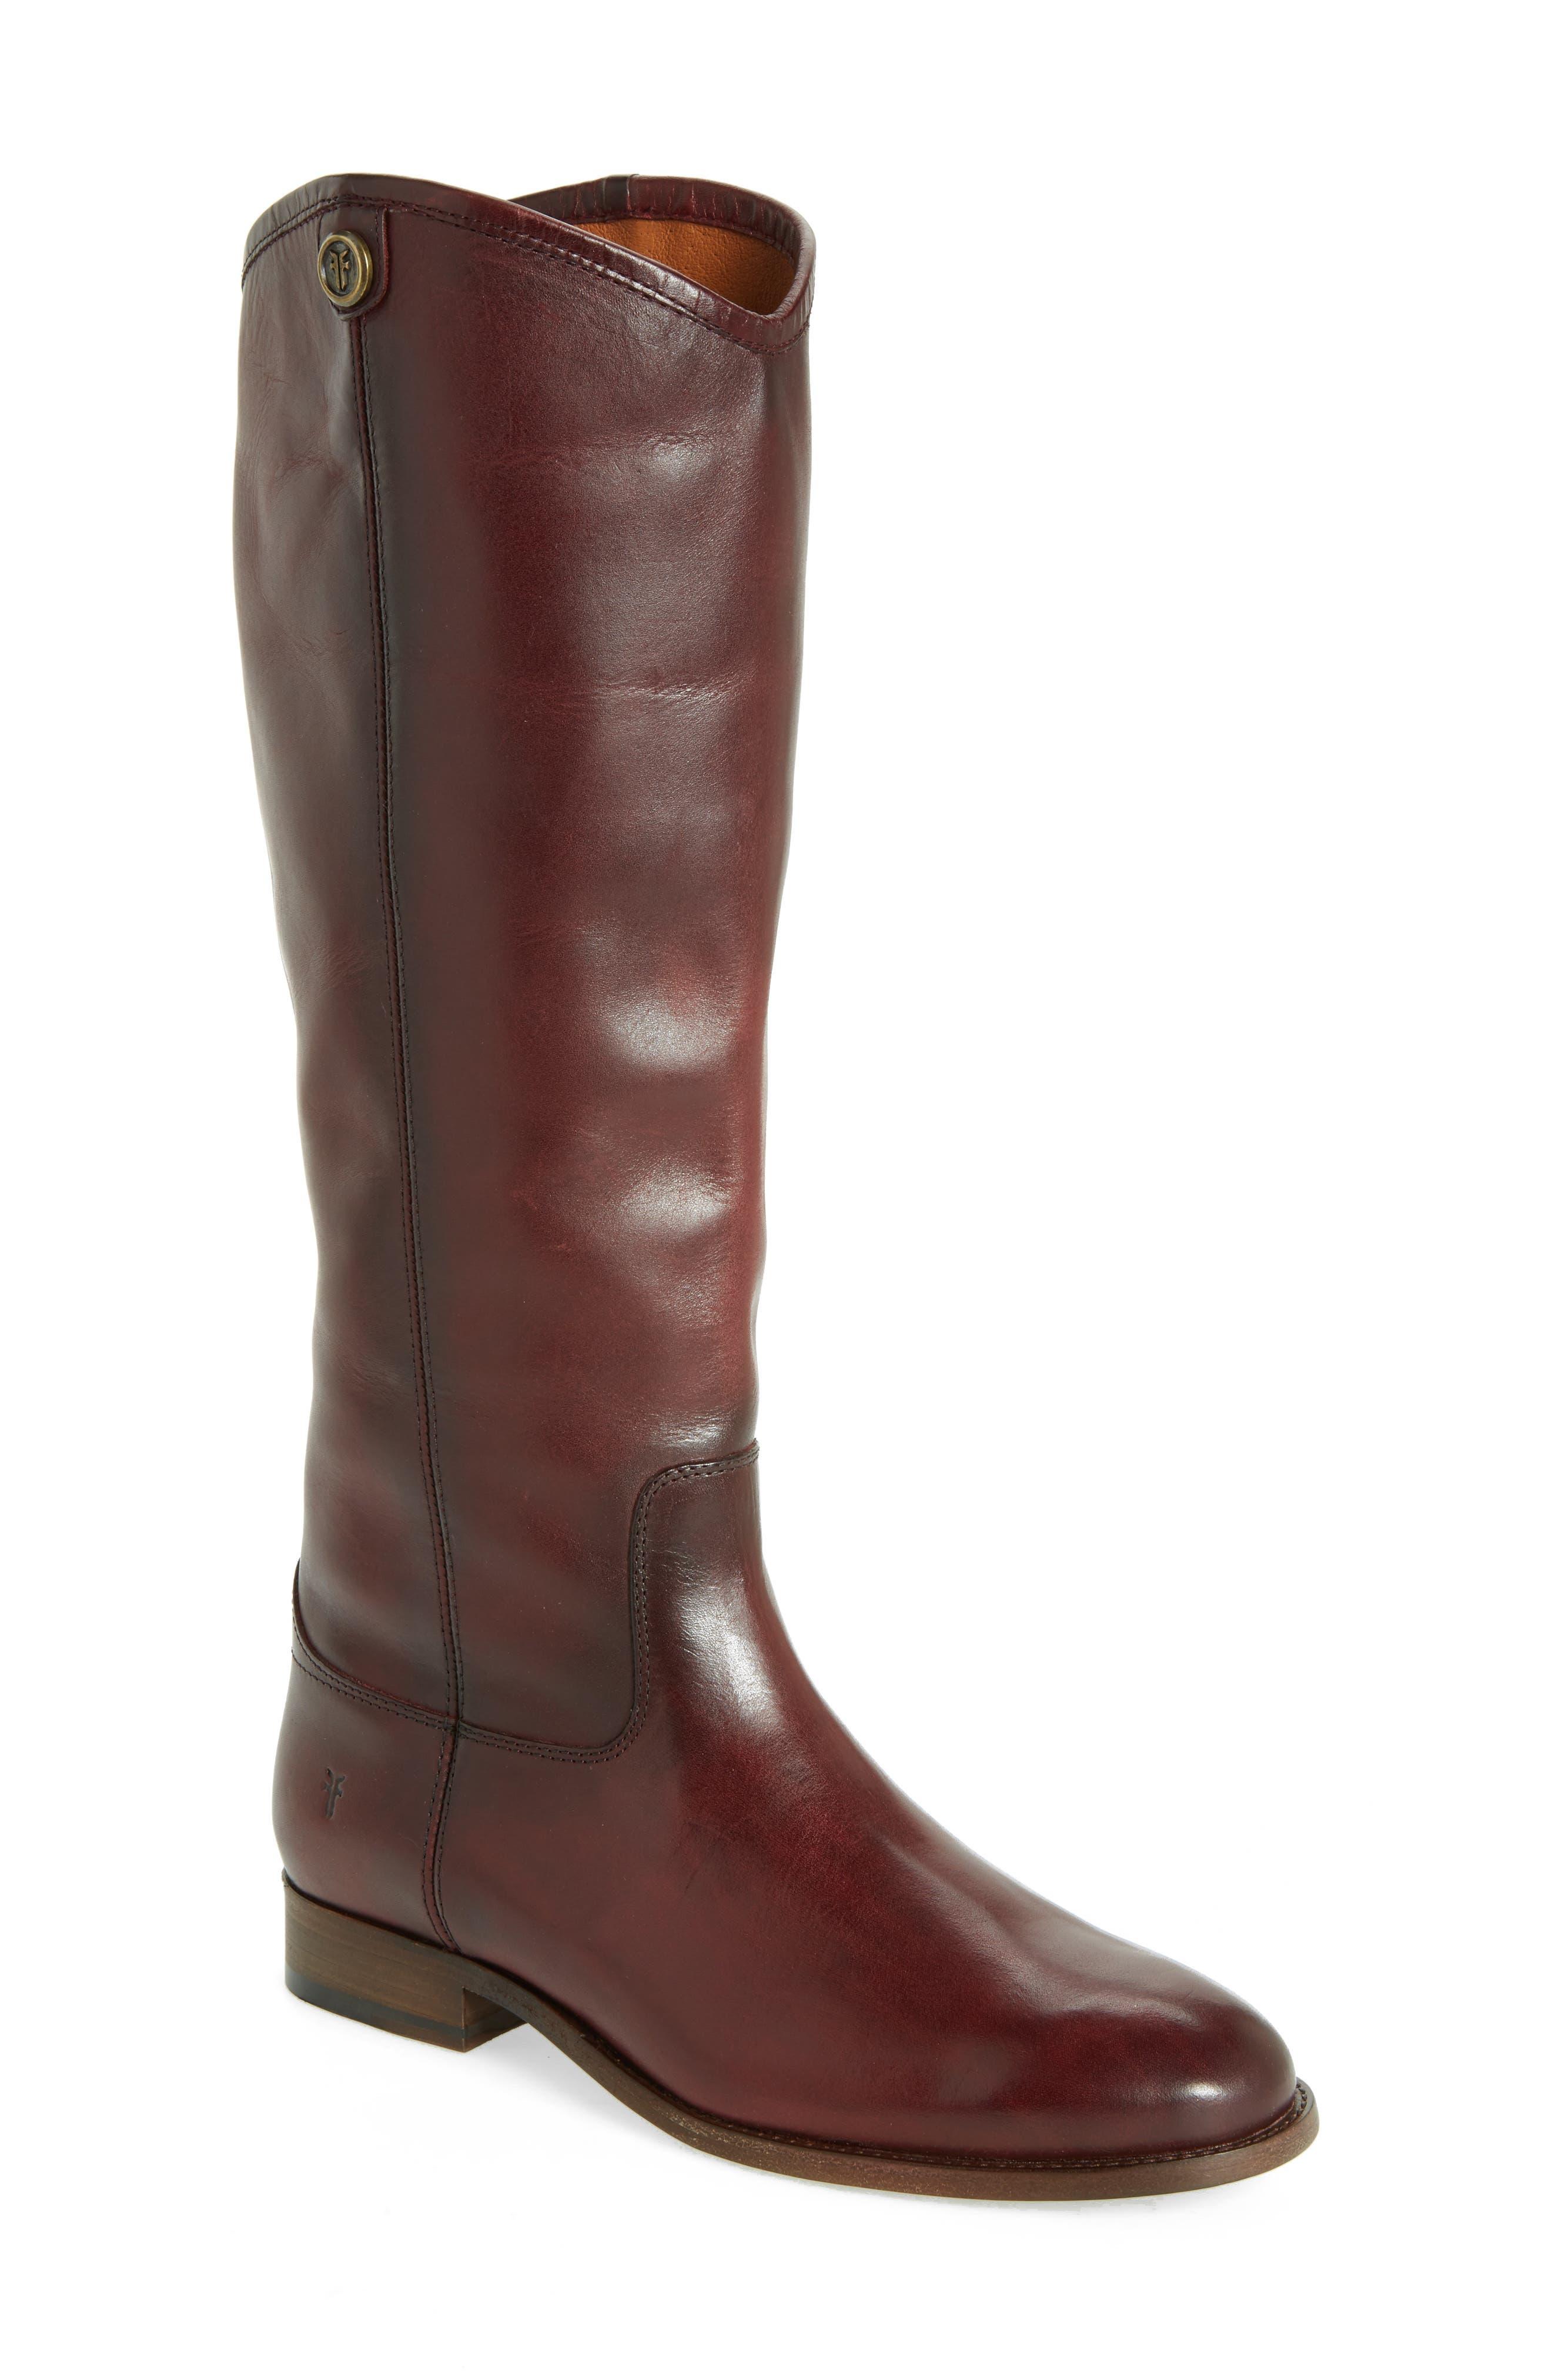 Frye Melissa Button 2 Knee High Boot, Ext Calf- Burgundy